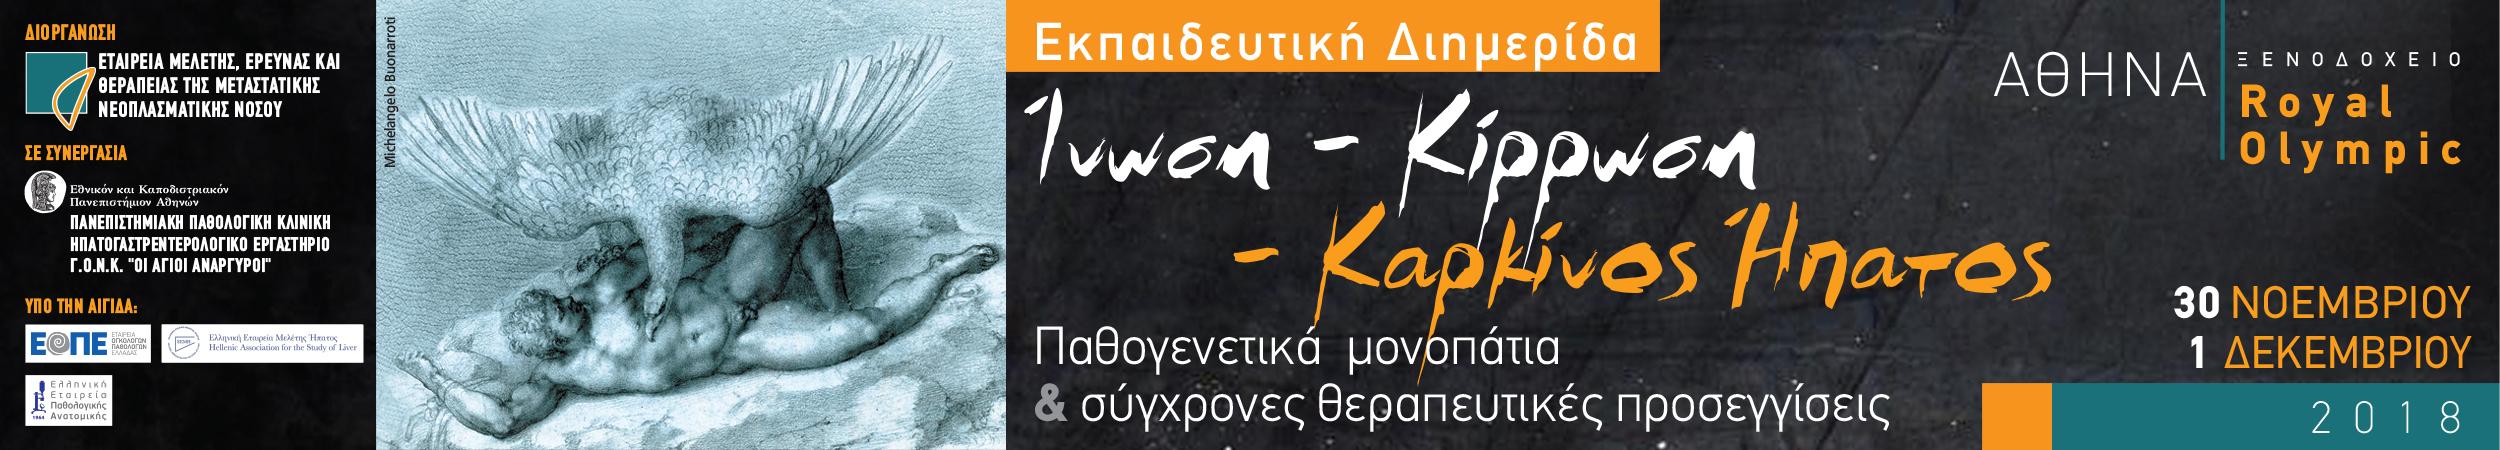 2500_kirrwsi2018